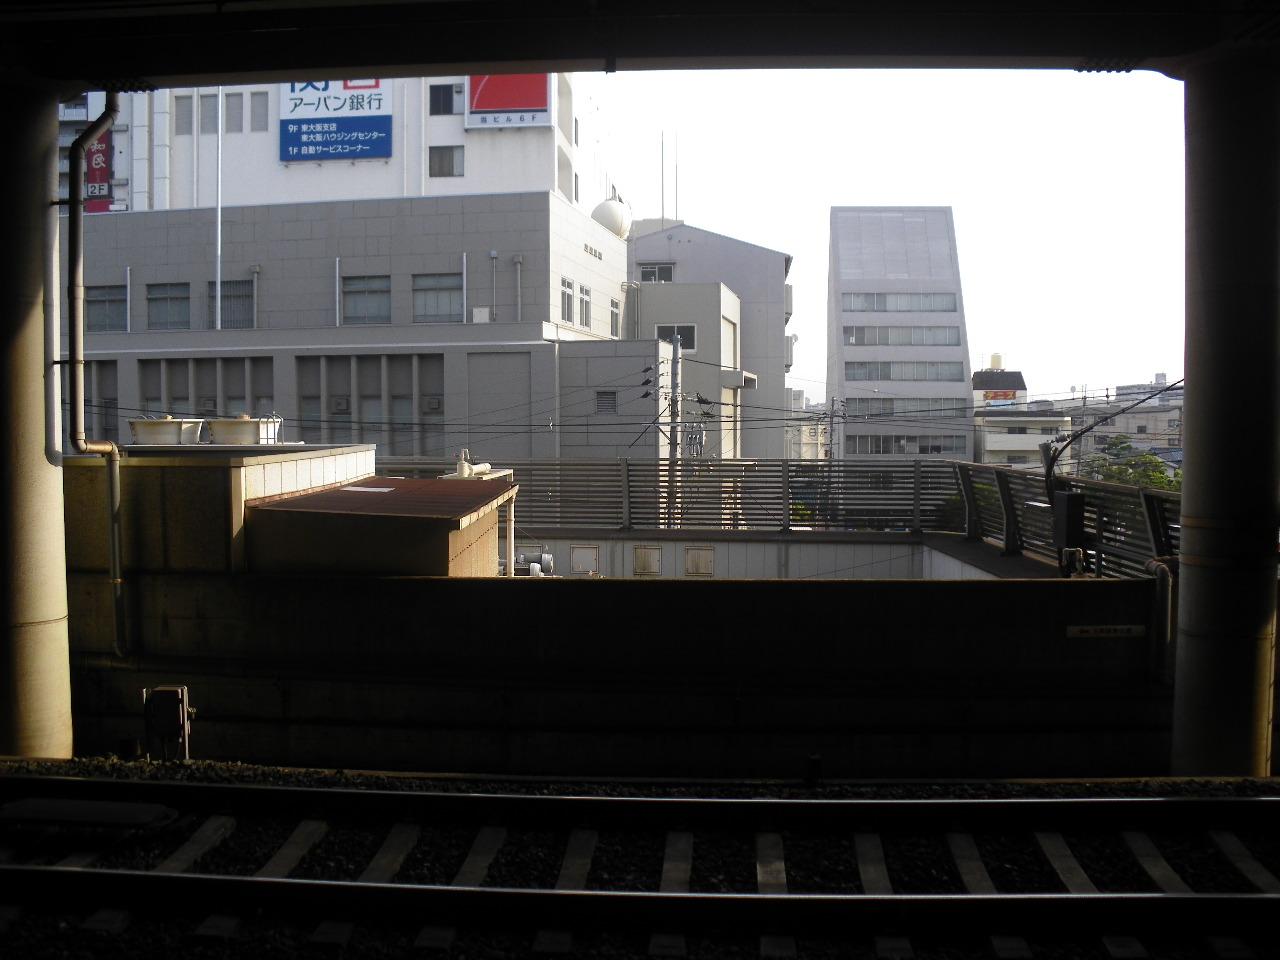 連絡電車に乗り遅れて近鉄布施駅